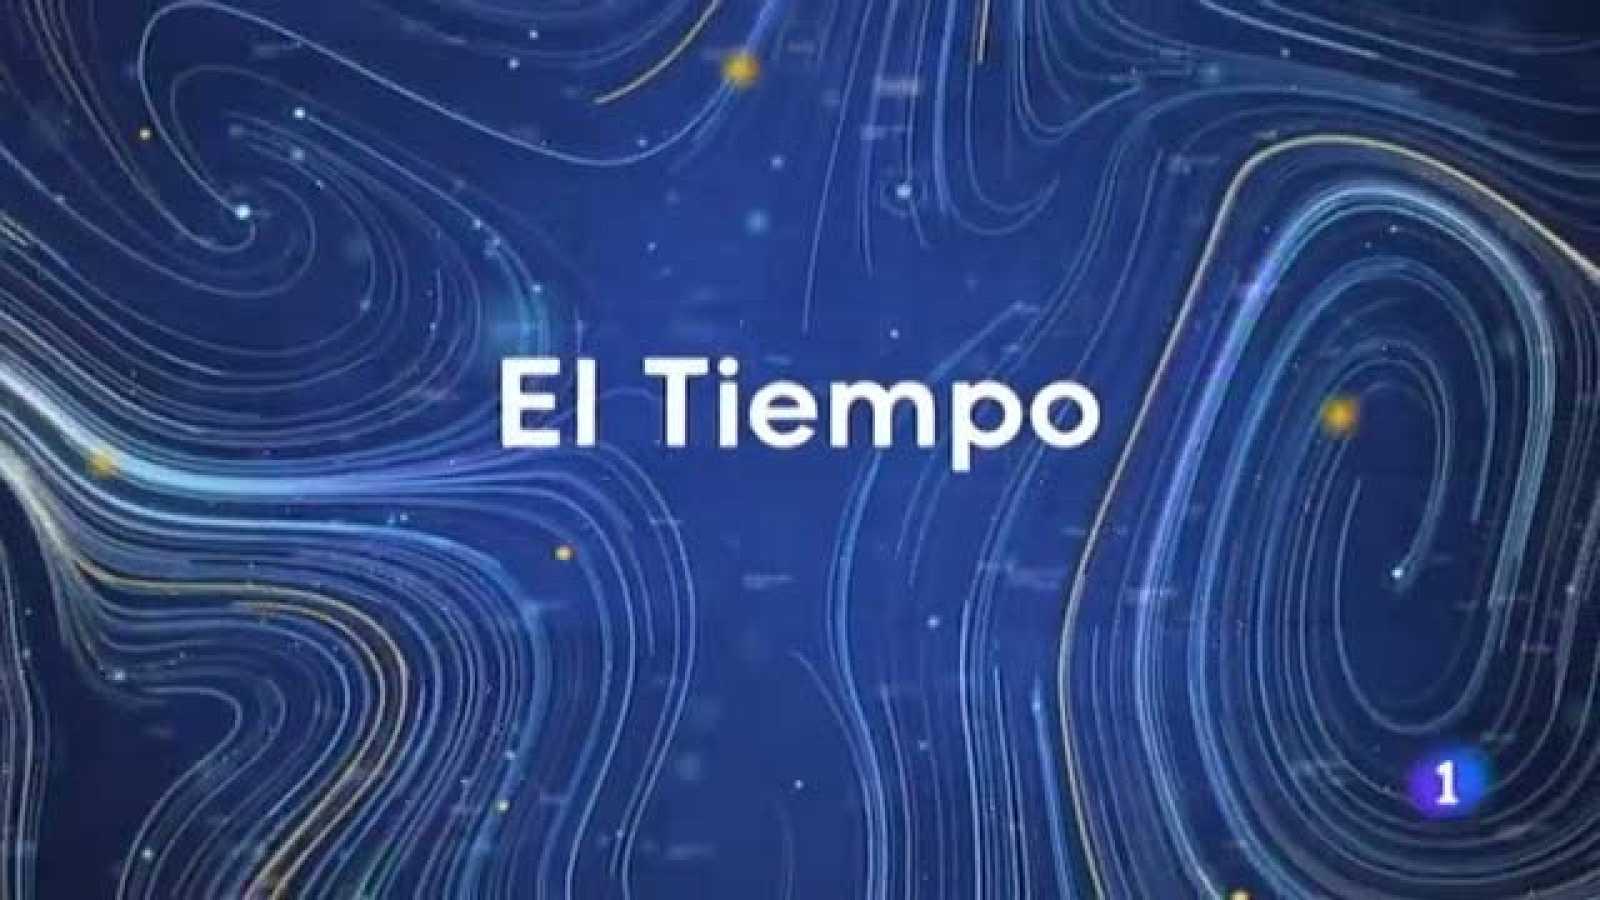 El tiempo en Navarra - 11/5/2021